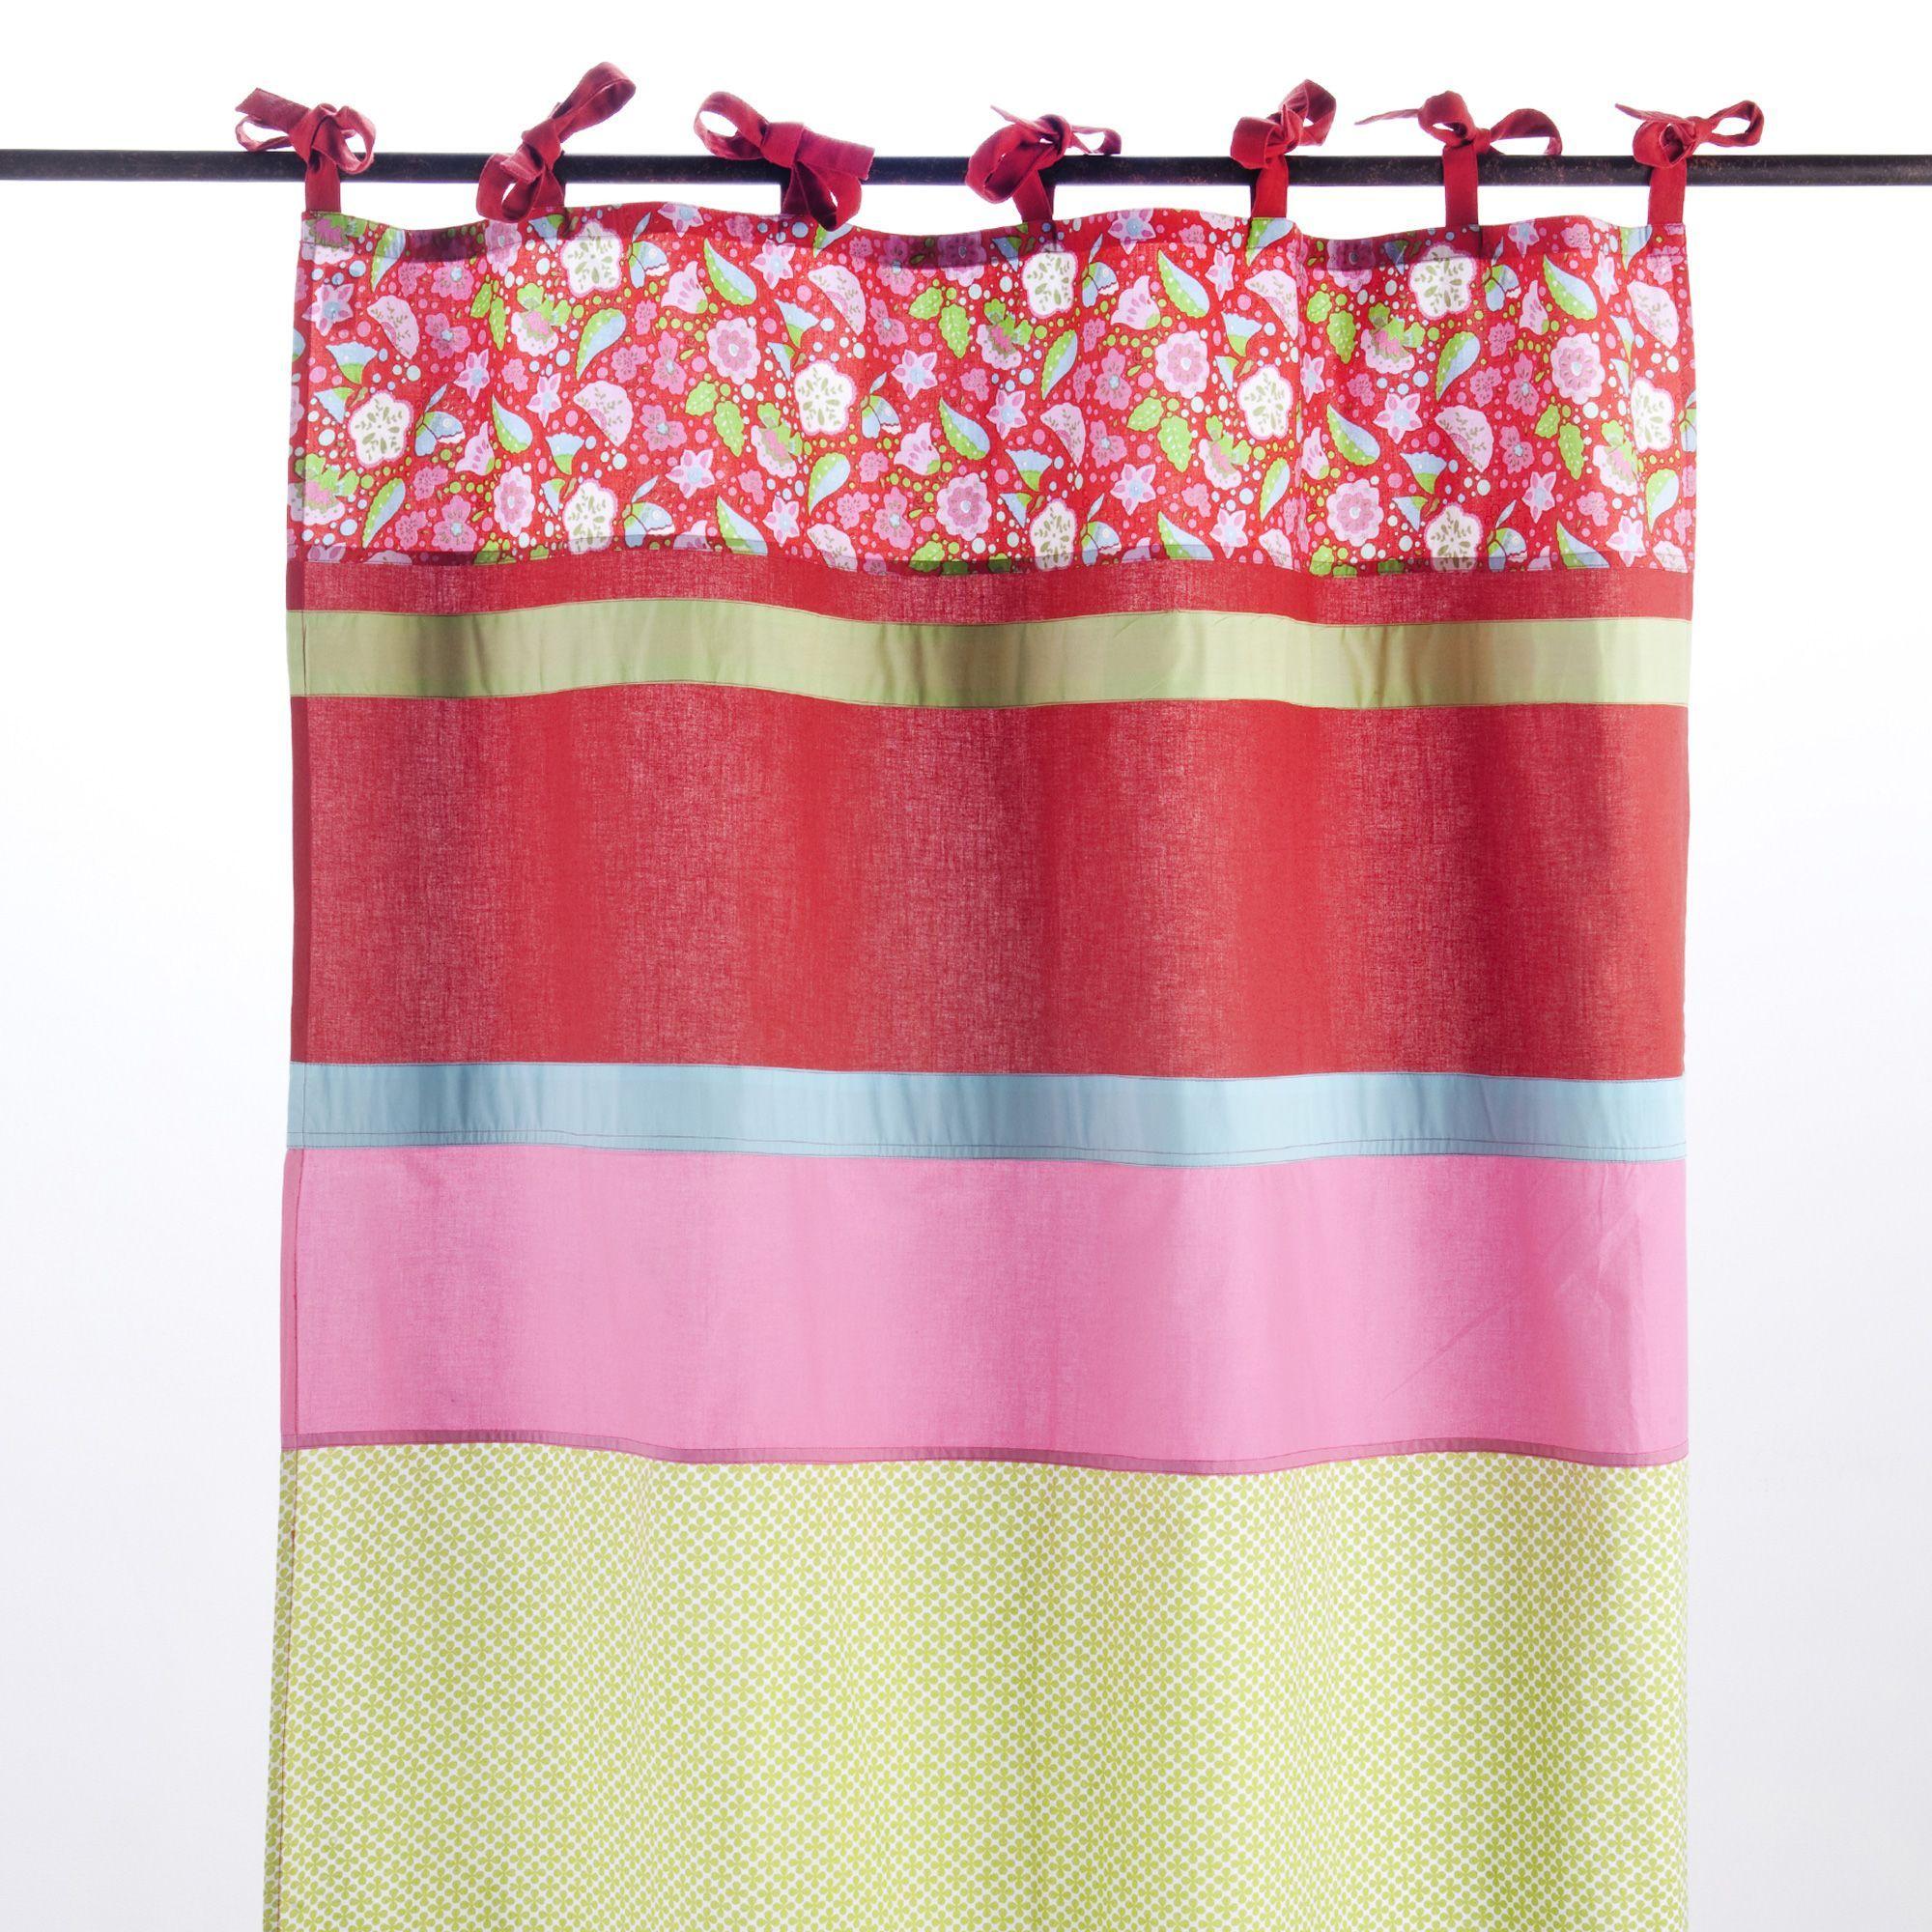 Voilage  nouettes Multicolore Tagada Les rideaux et voilages